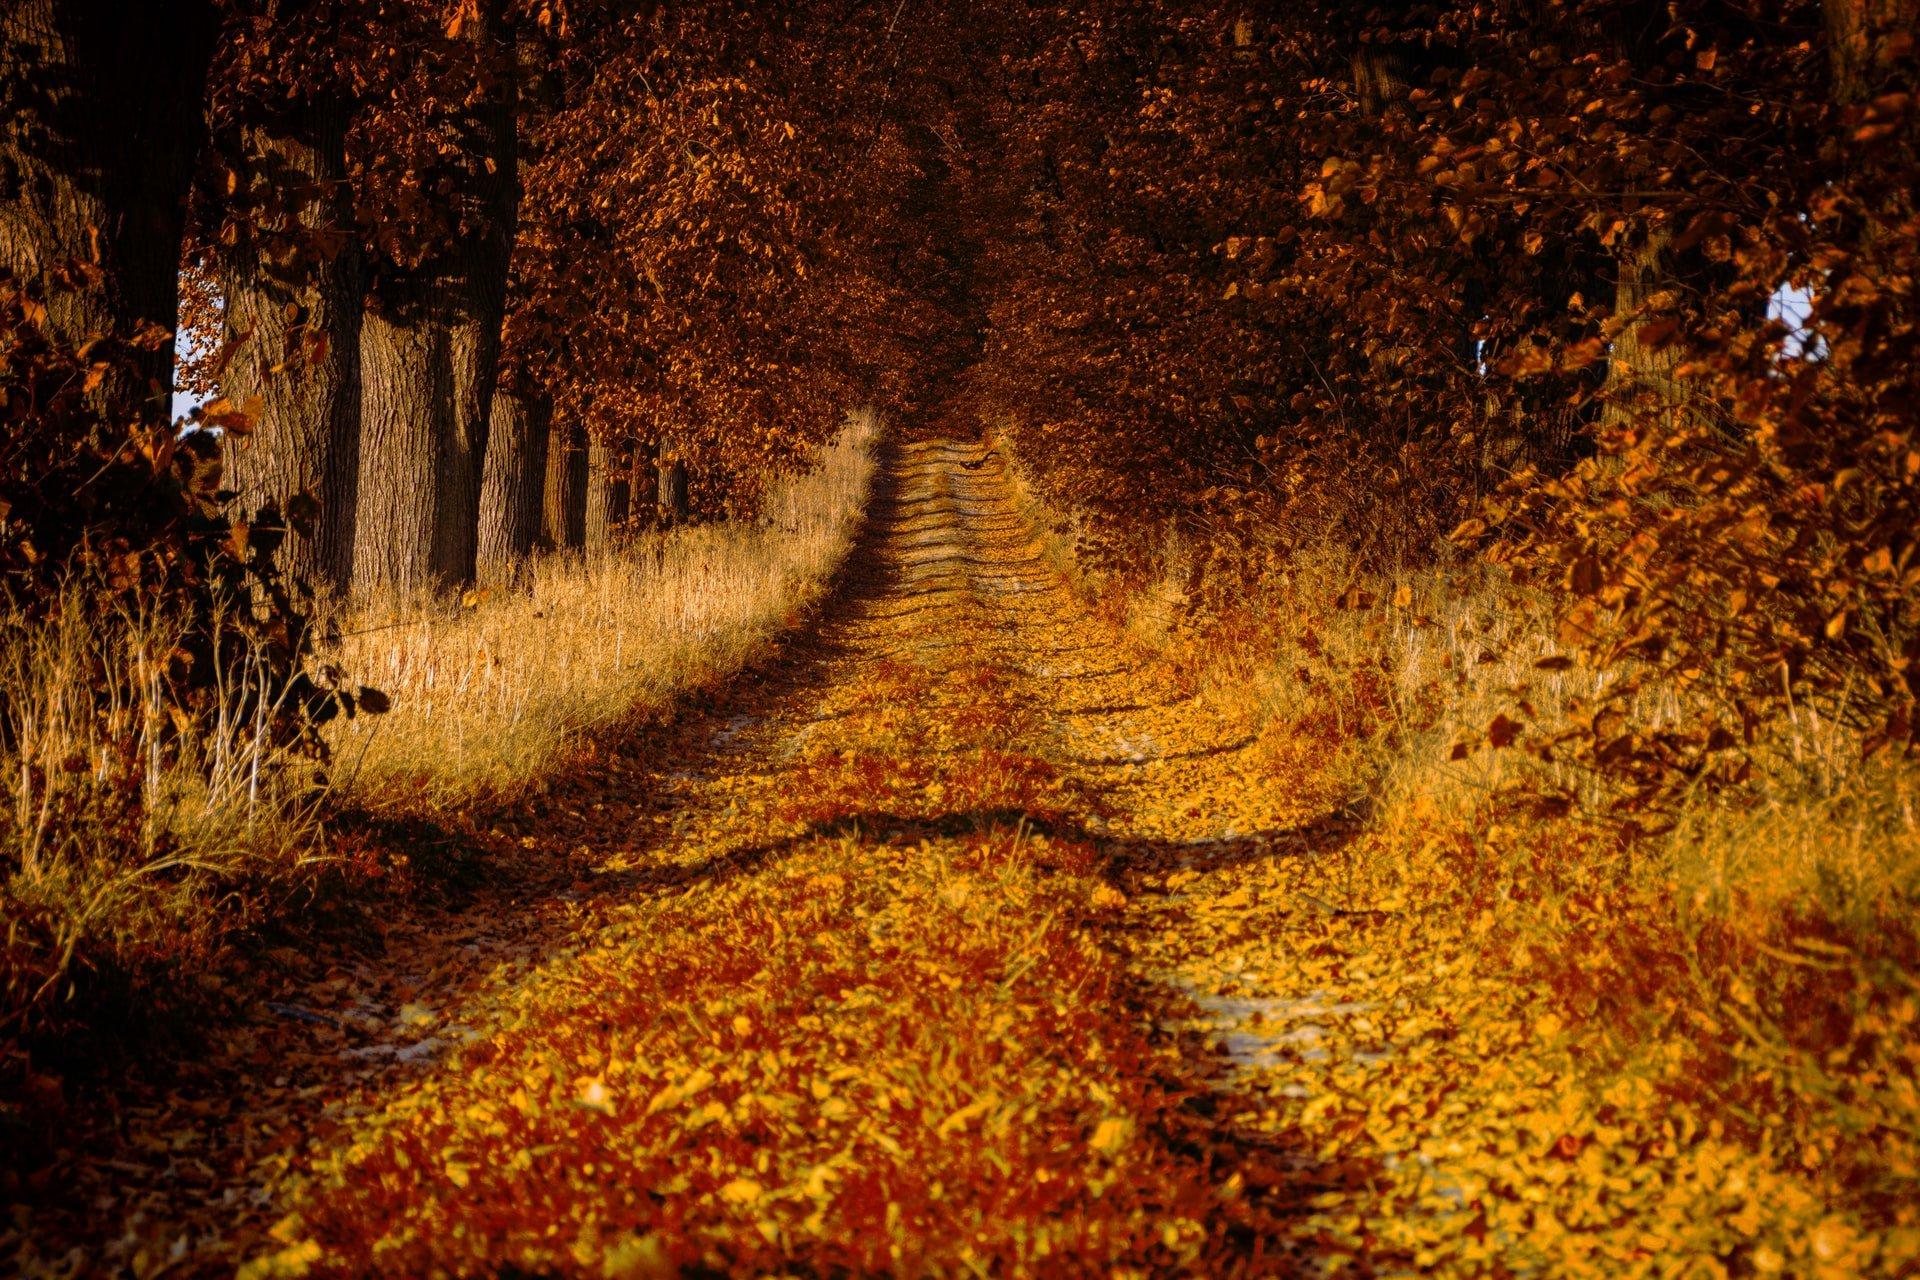 Wielkopolski National Park, Poland (photo: Artur Luczka)